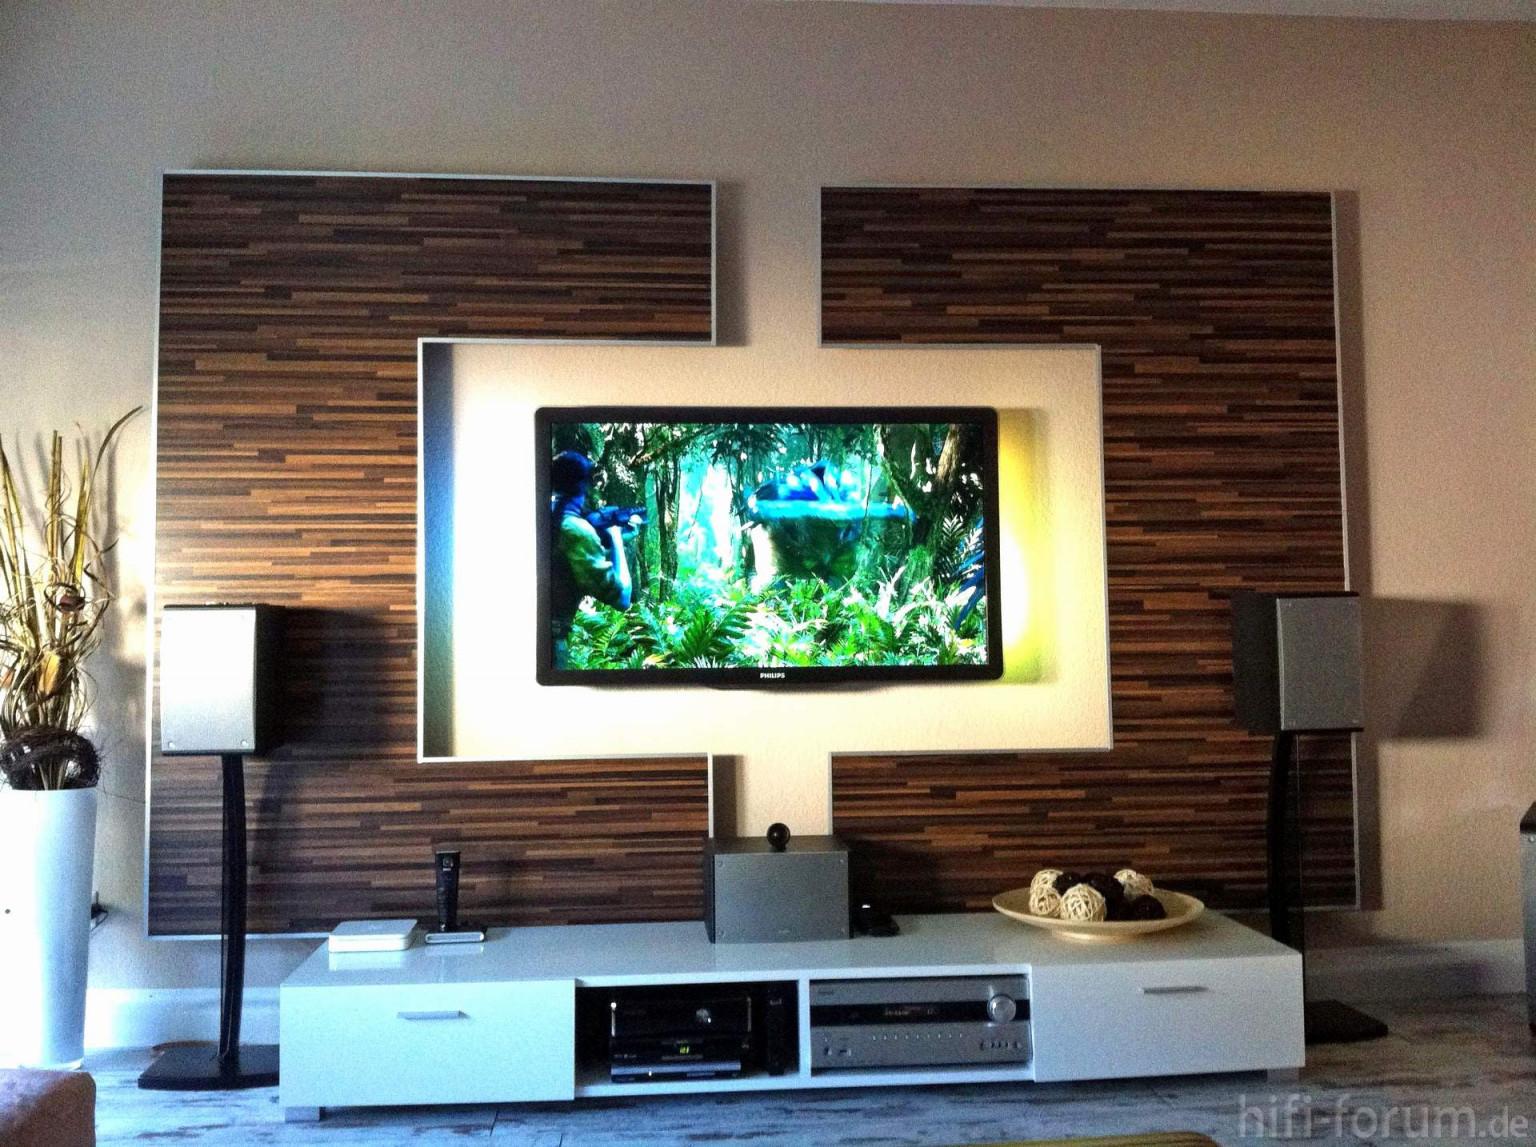 Wohnzimmer Ideen Tv Wand Genial 65 Luxus Wohnideen Tv Wand von Wohnzimmer Ideen Holz Photo